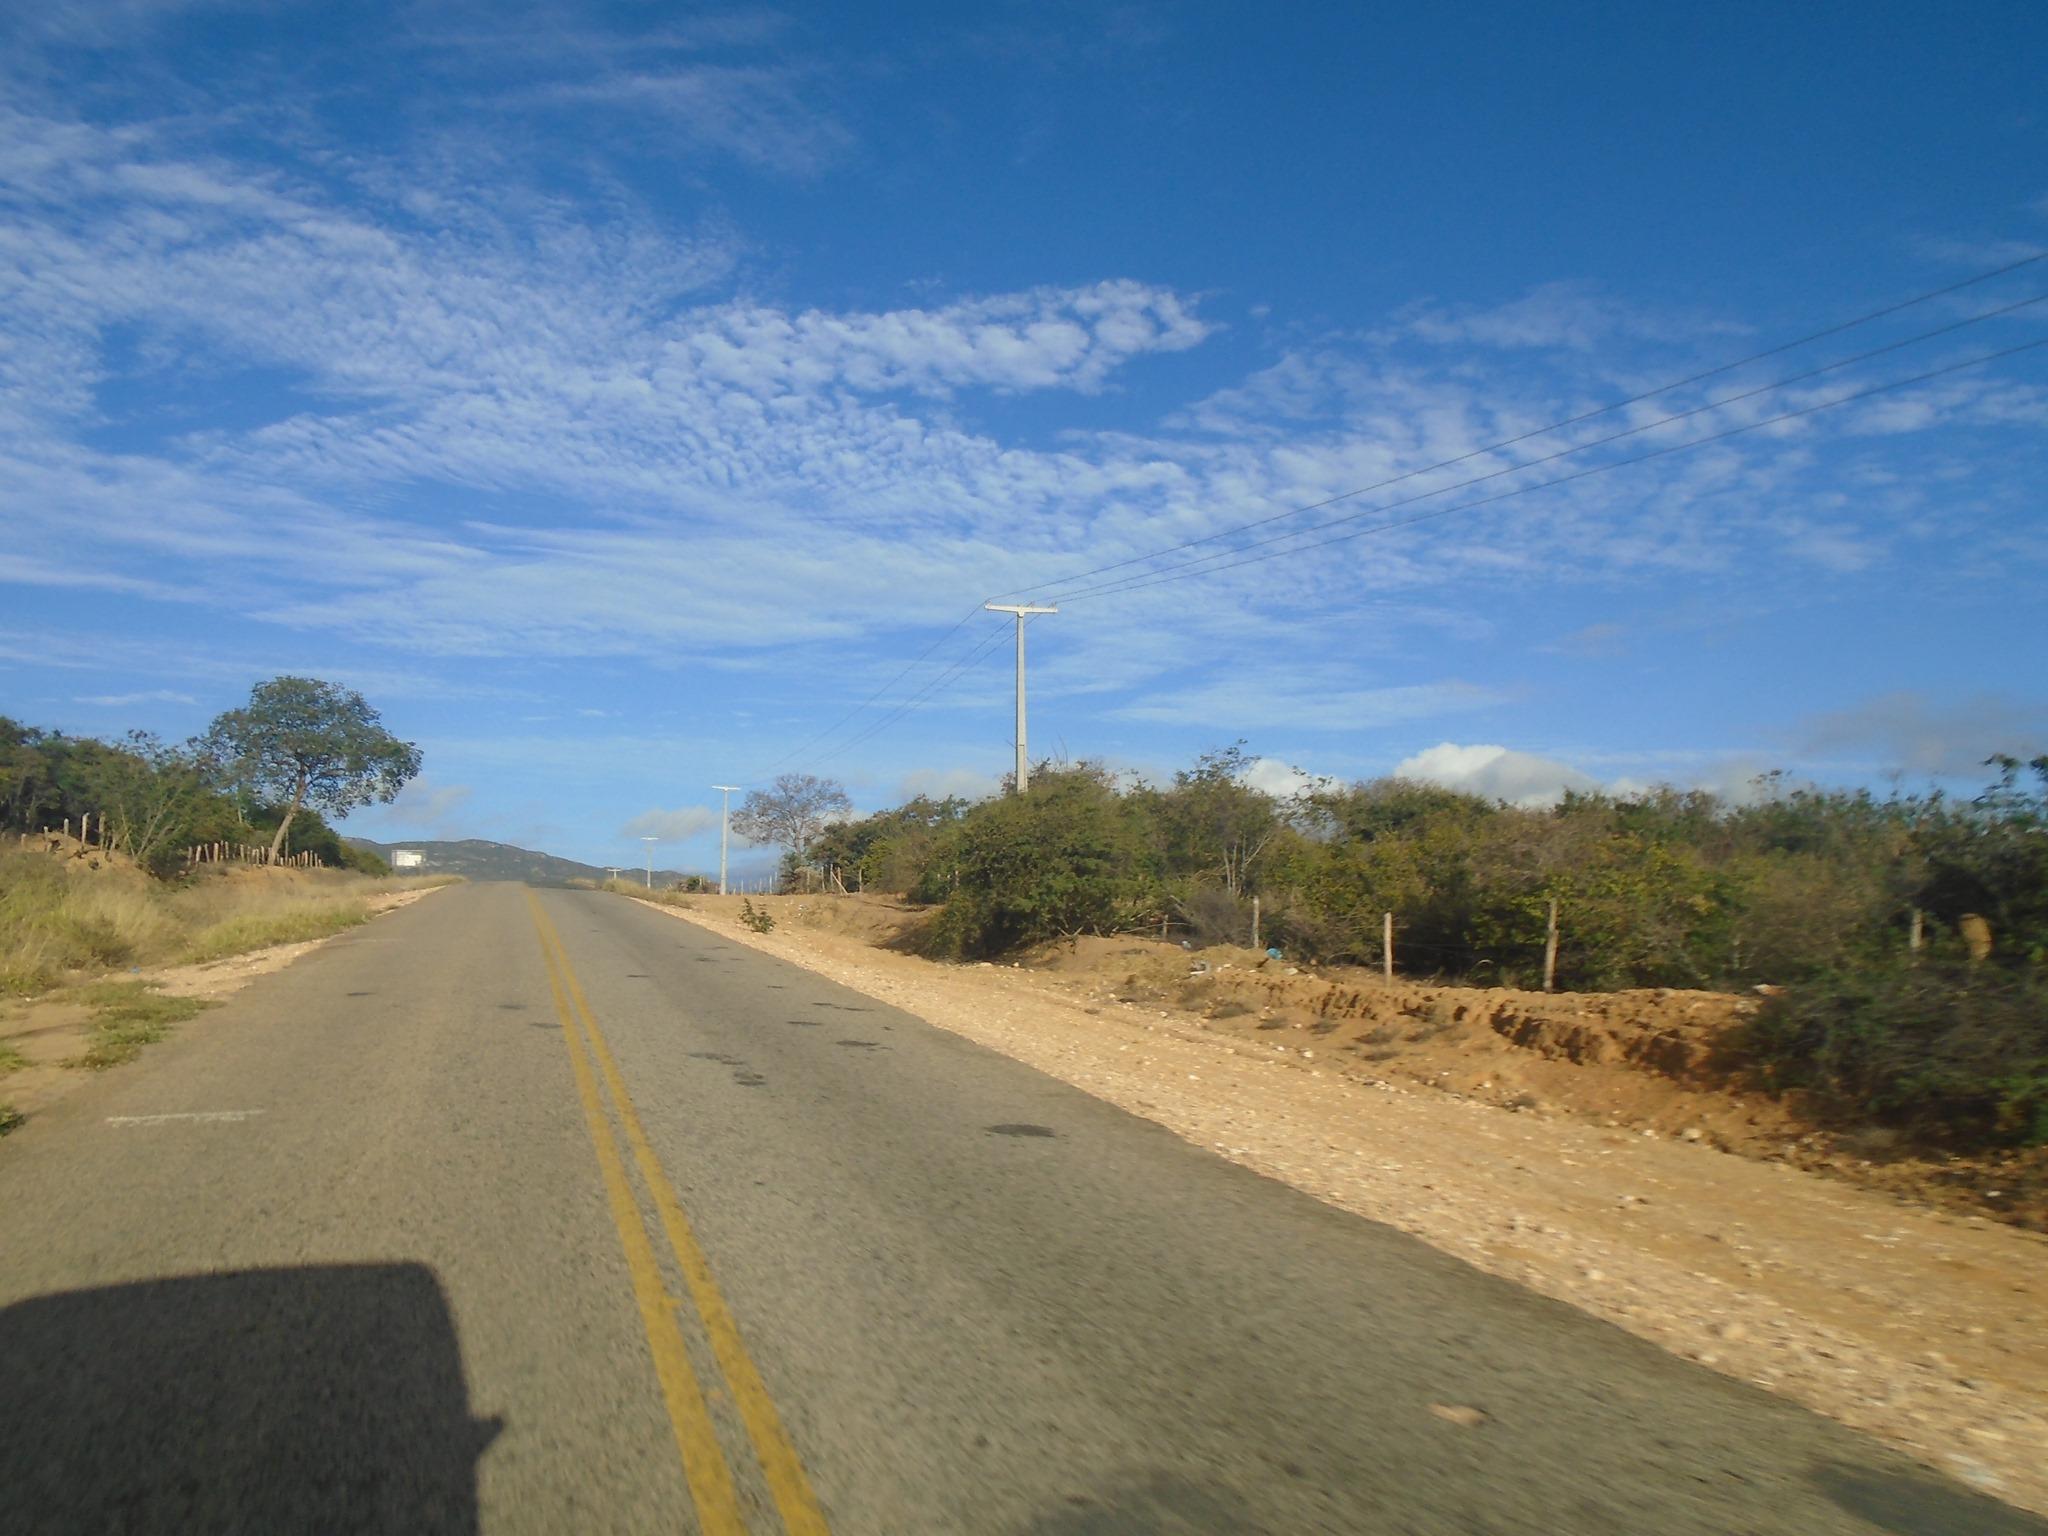 Fotos-uit-de-regio-van-Ibitiara-en-Seabra-aan-de-grote-BR-242-97